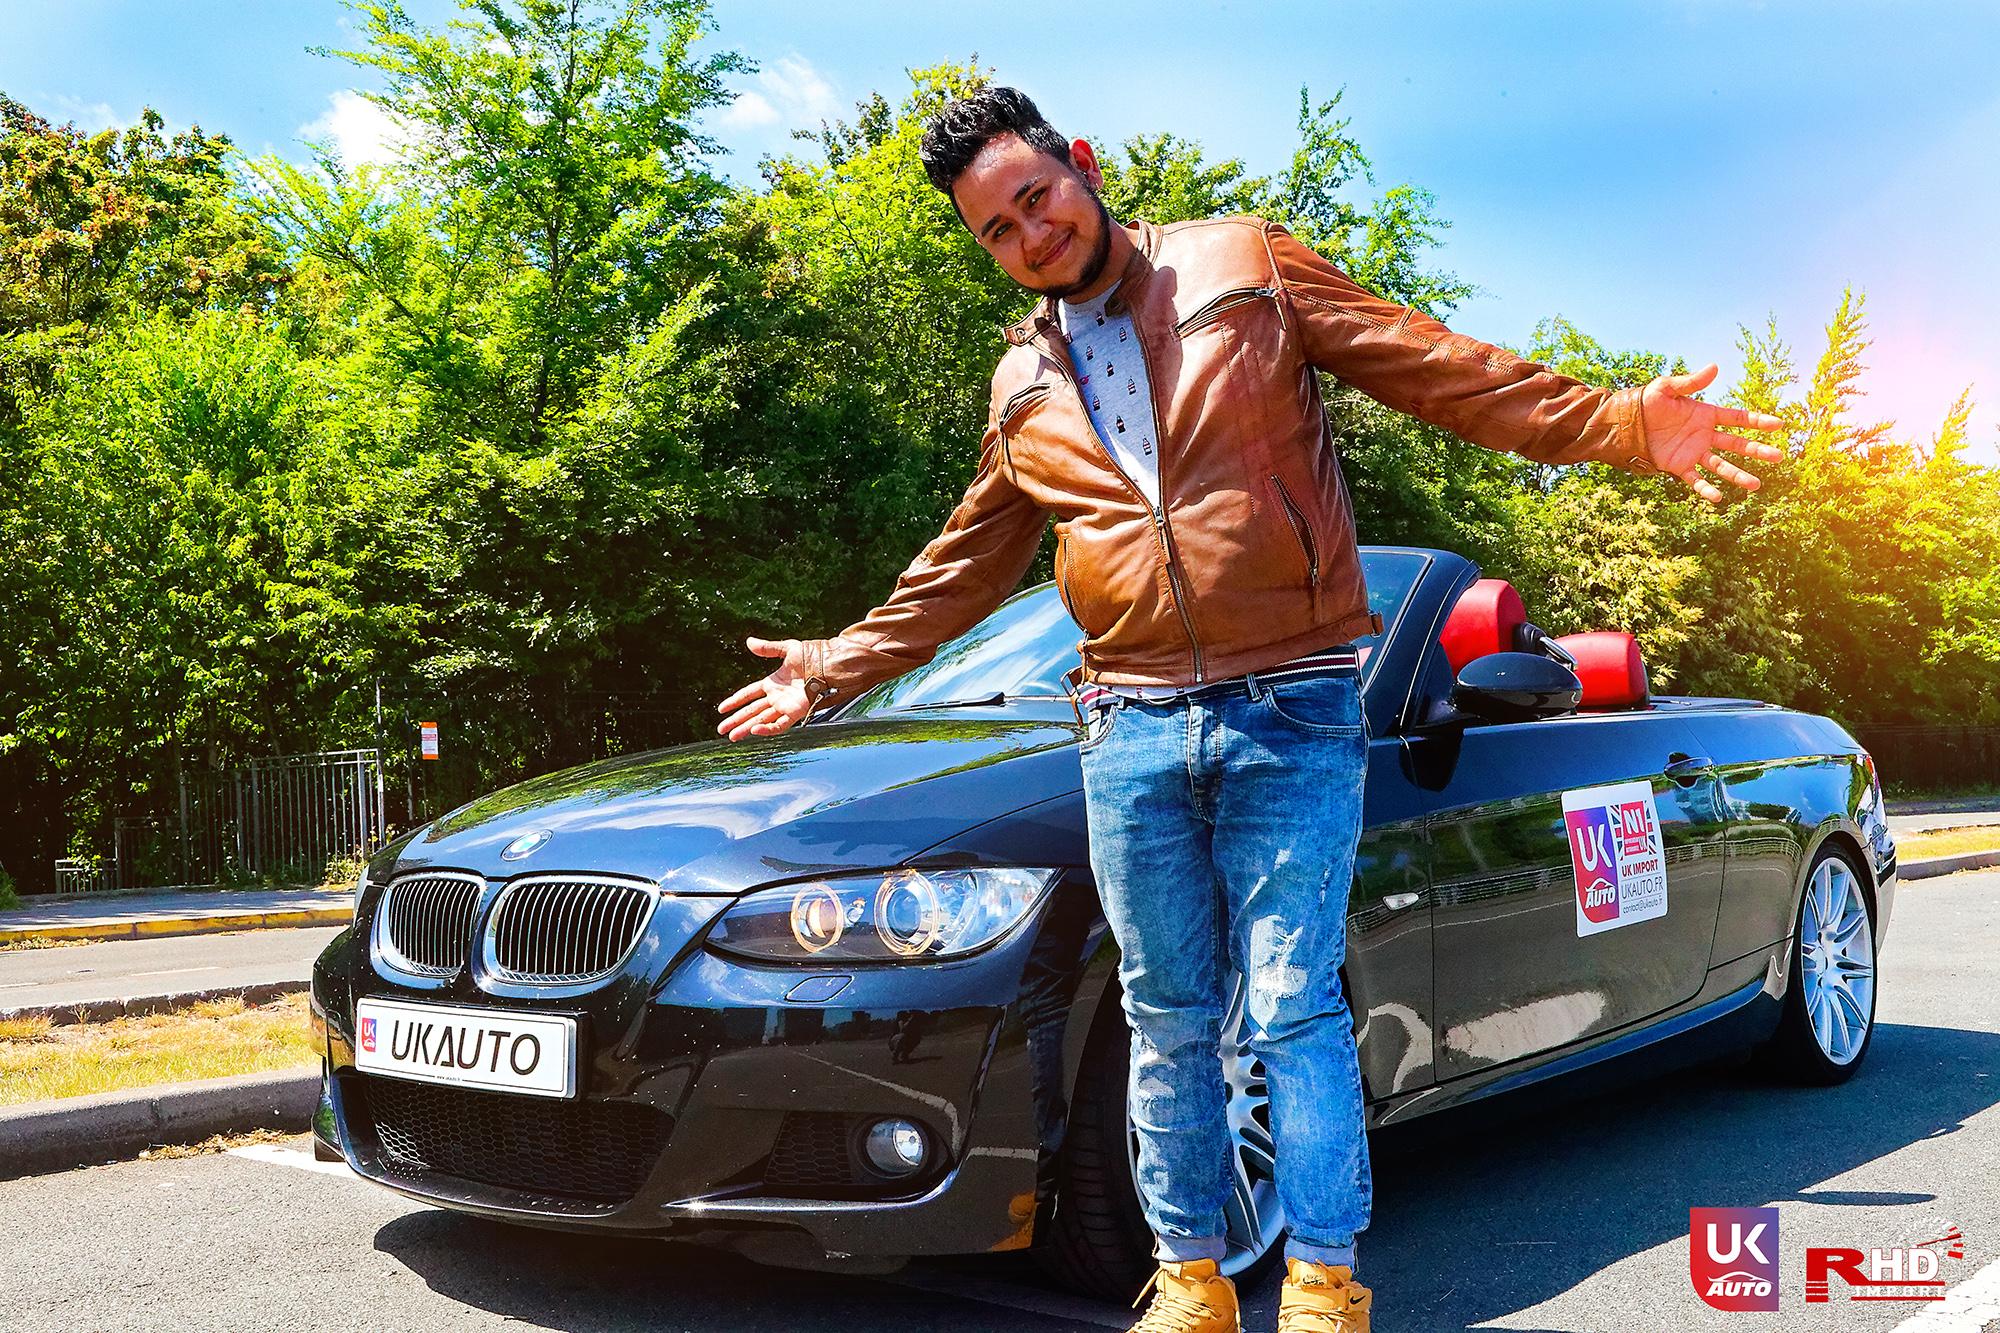 IMG 4793 DxO - Felecitation a Jeremie pour cette BMW 335i cabriolet RHD PACK M IMPORT AUTO ANGLAISE